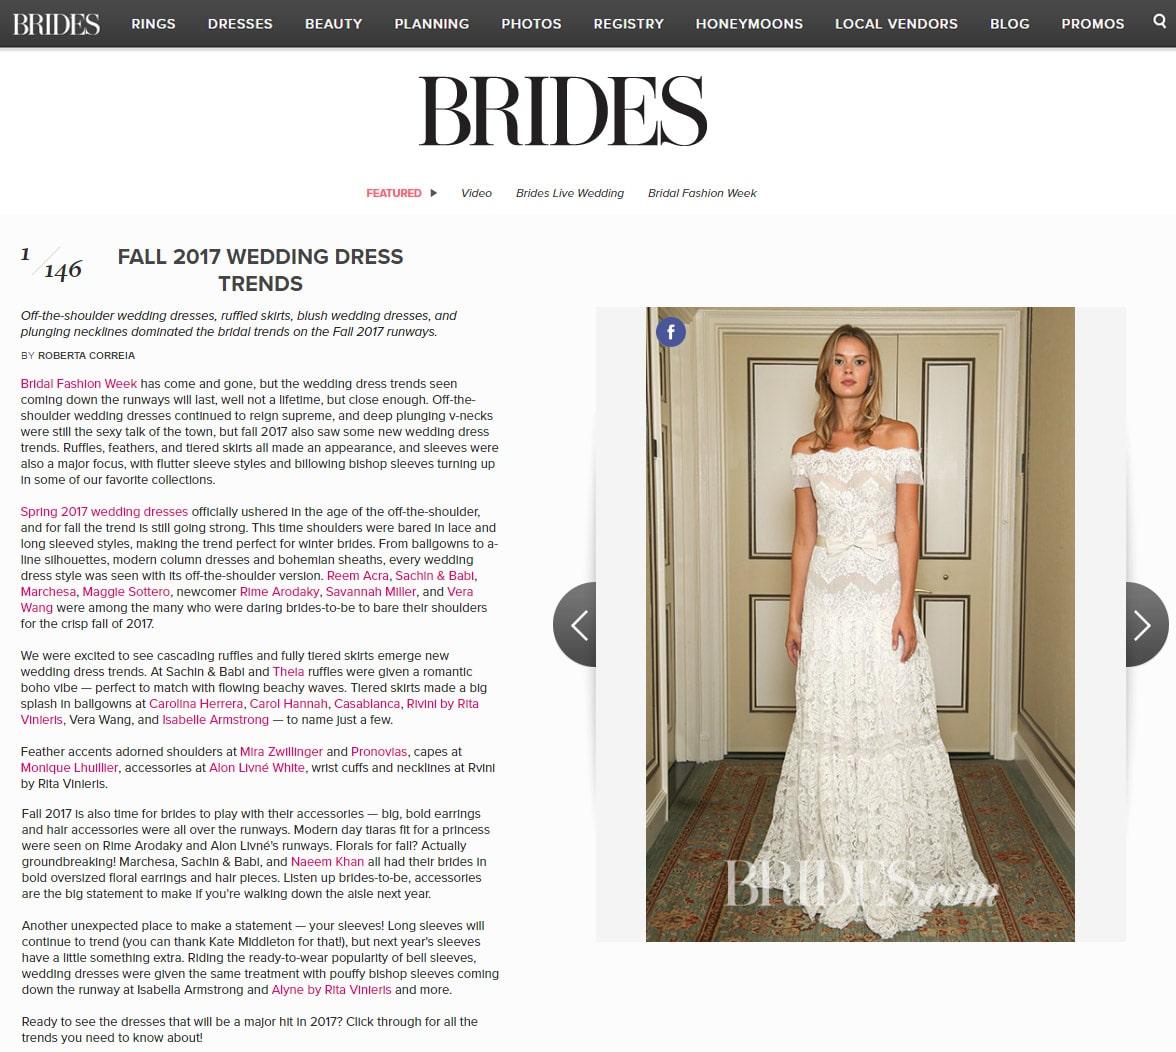 Brides.com: FALL 2017 WEDDING DRESS TRENDS